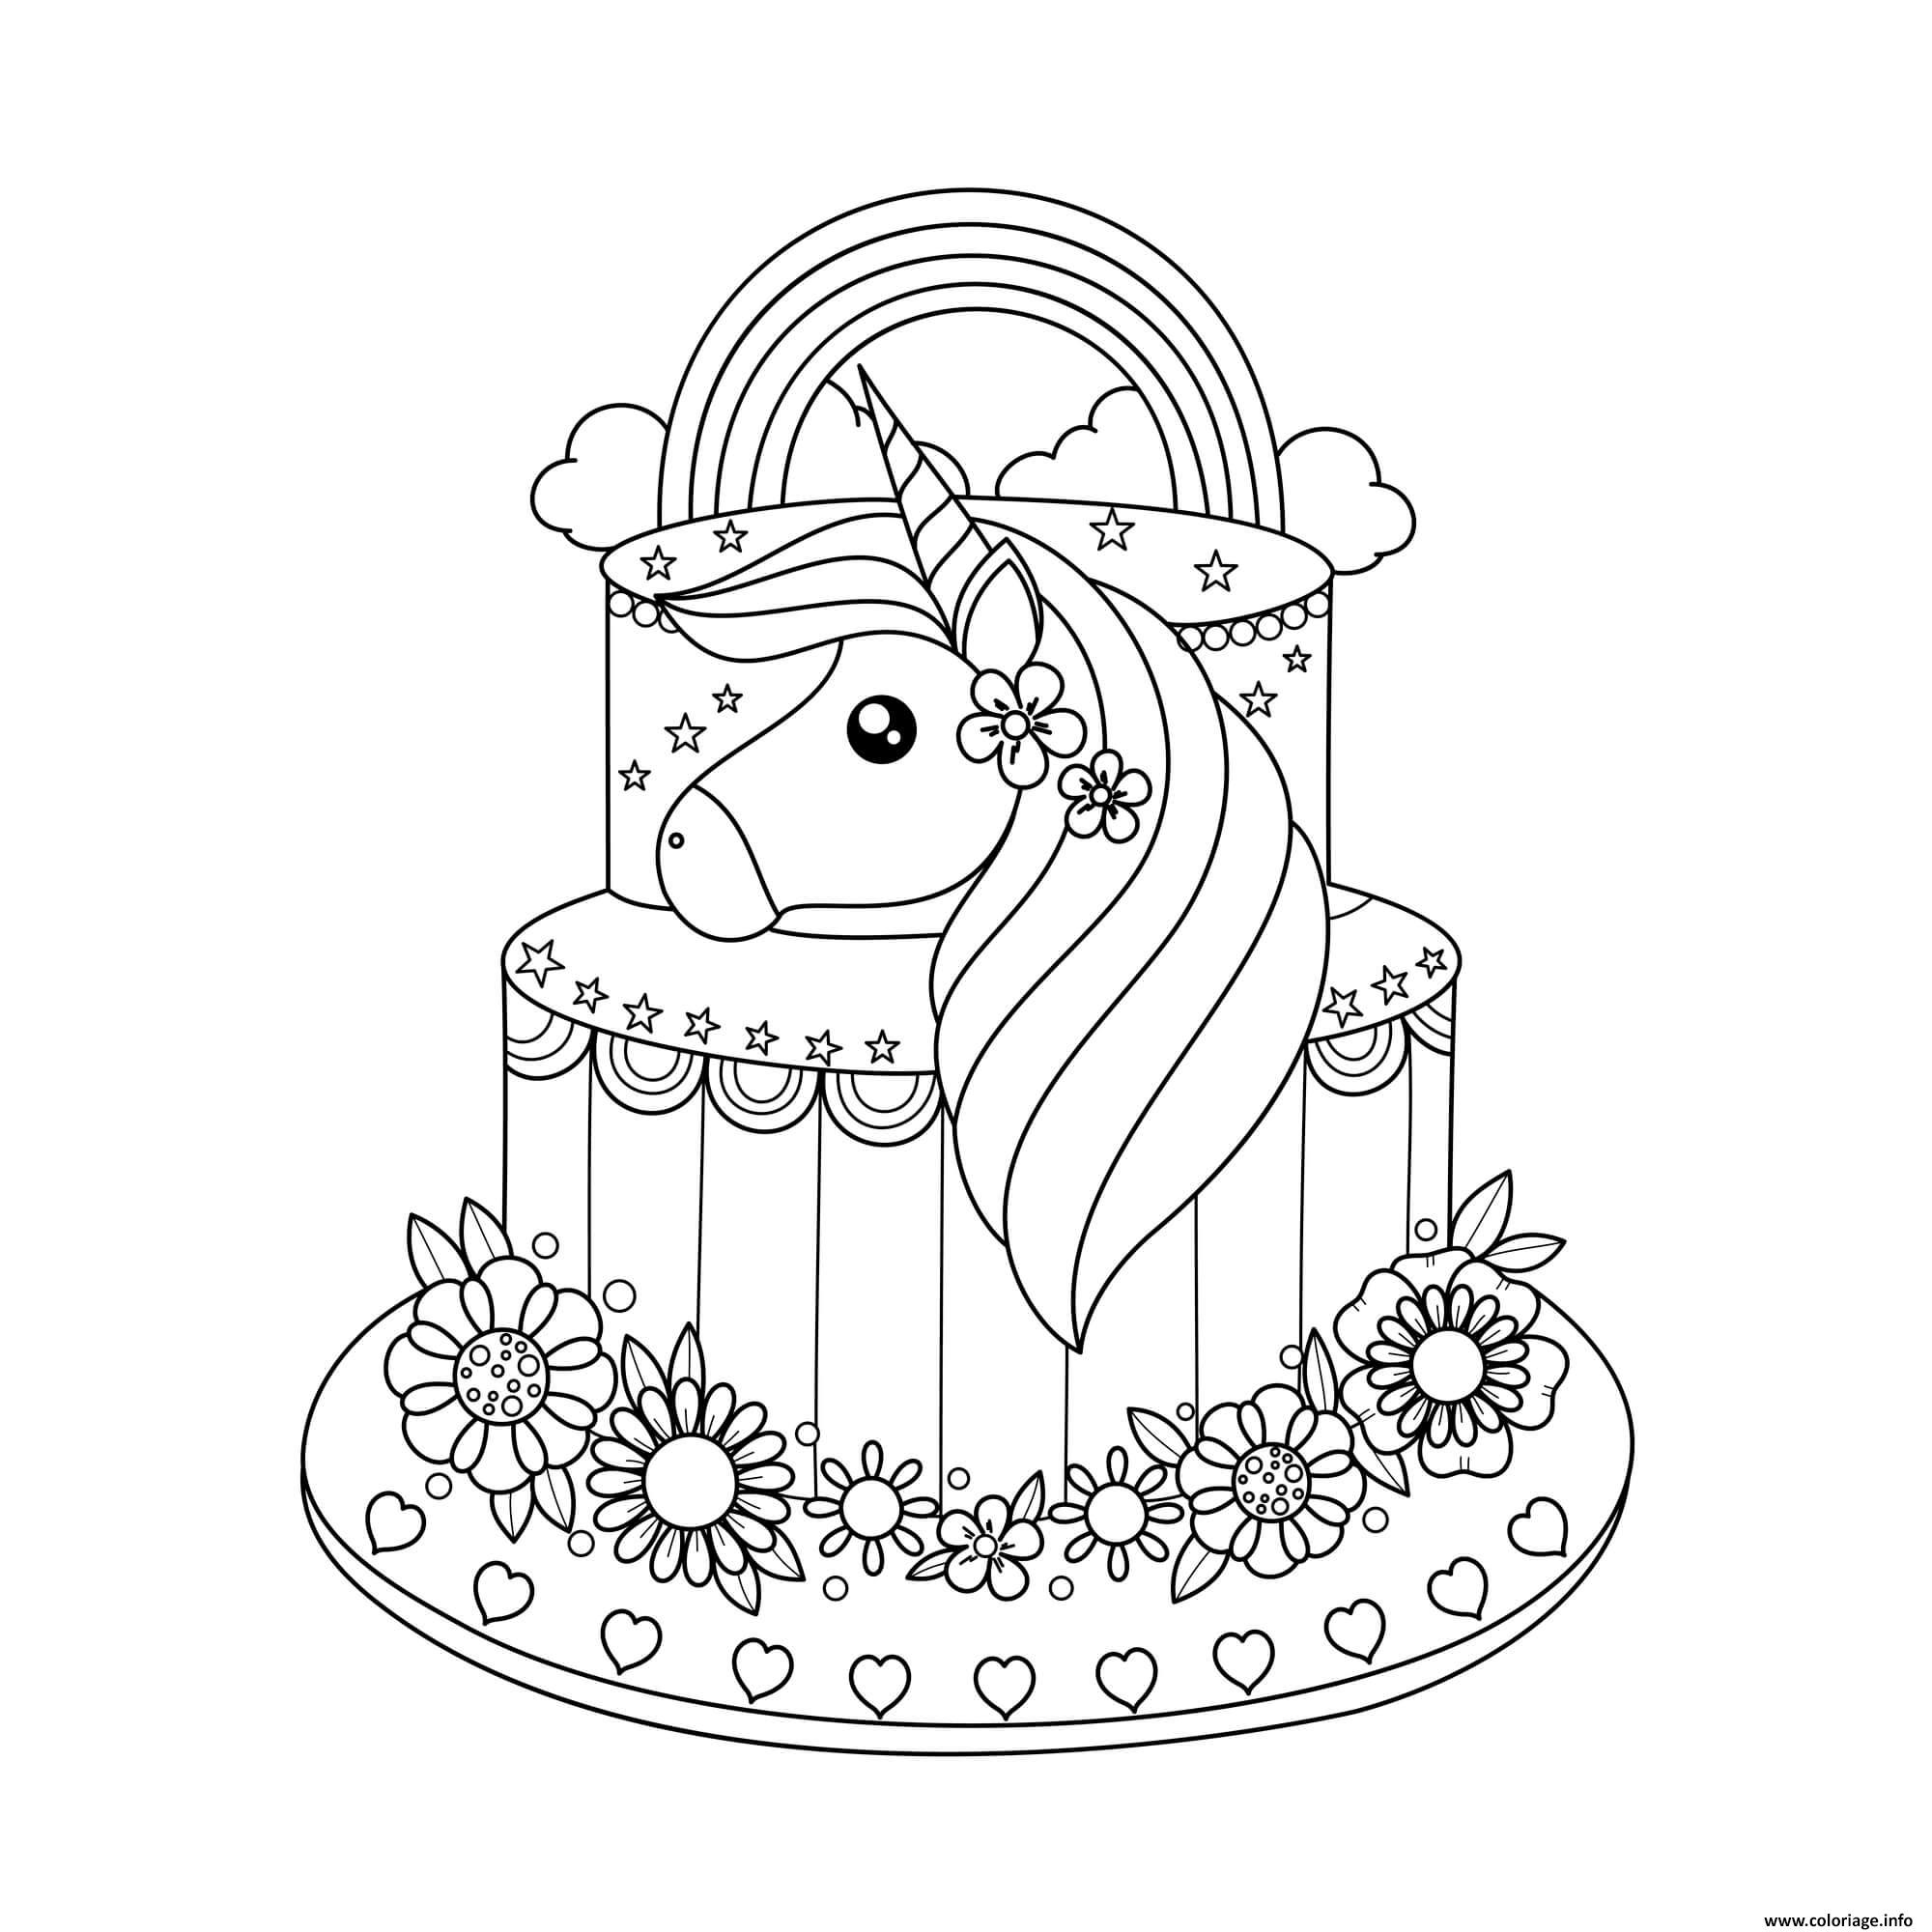 Dessin janvier enfant licorne gateau Coloriage Gratuit à Imprimer